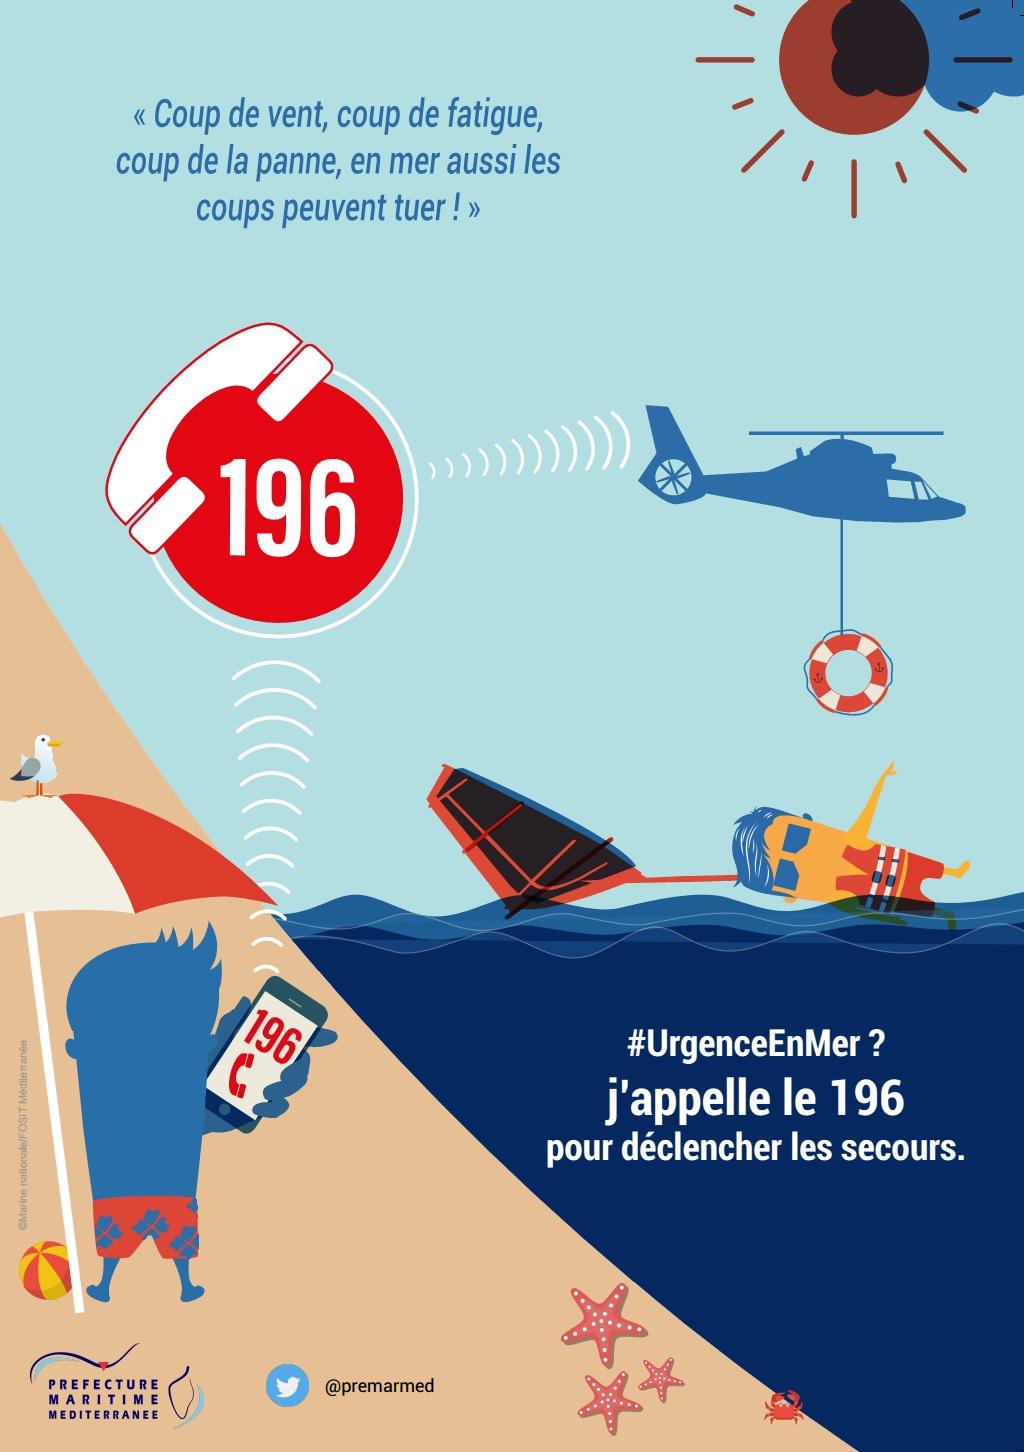 Activités nautiques : Le feu vert de la préfecture maritime de Méditerranée